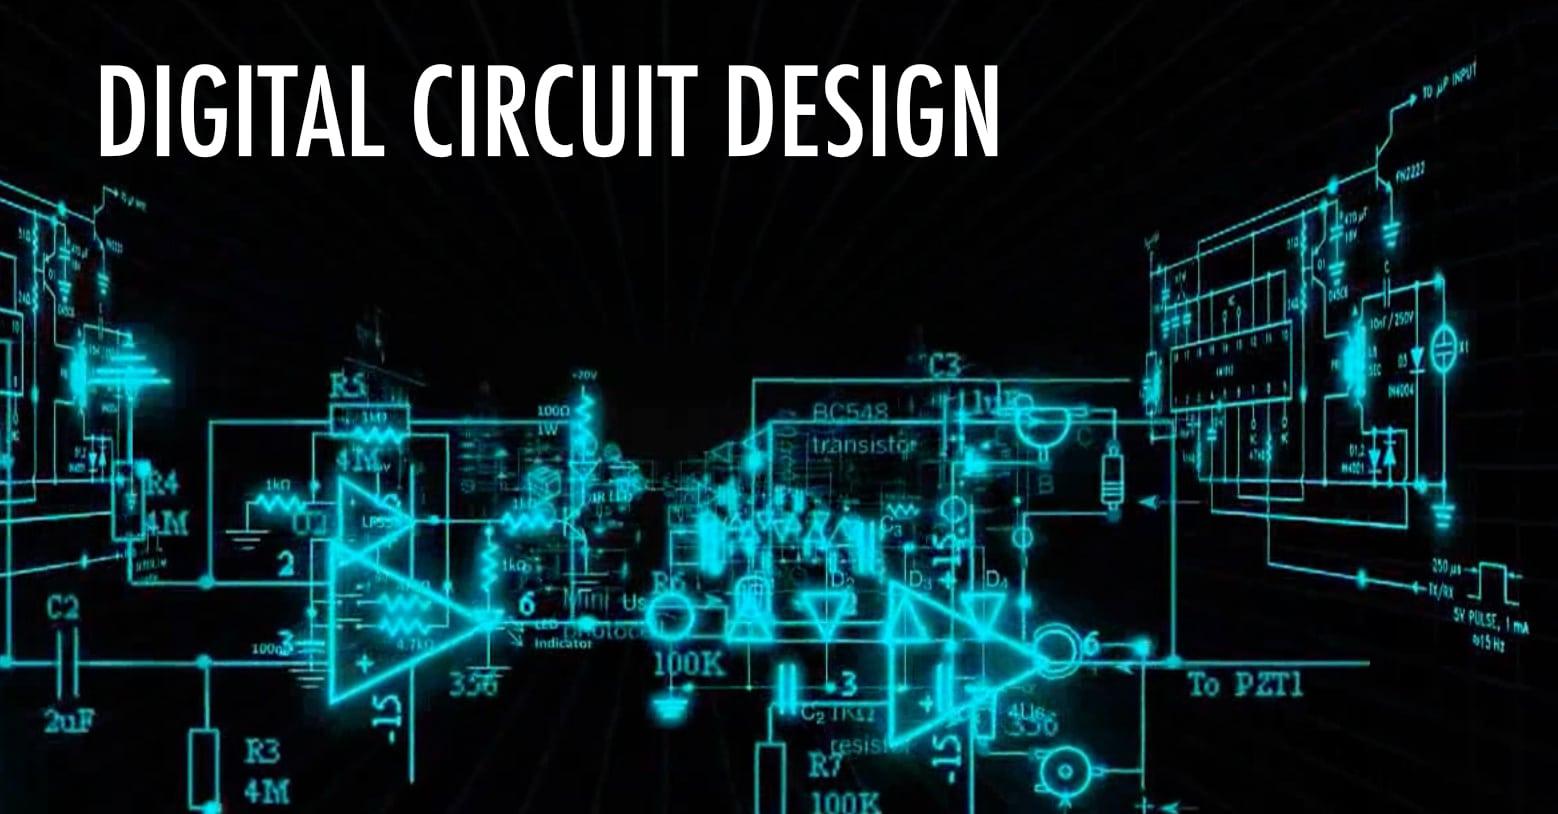 การออกแบบวงจรดิจิทัล | Digital Circuit Design